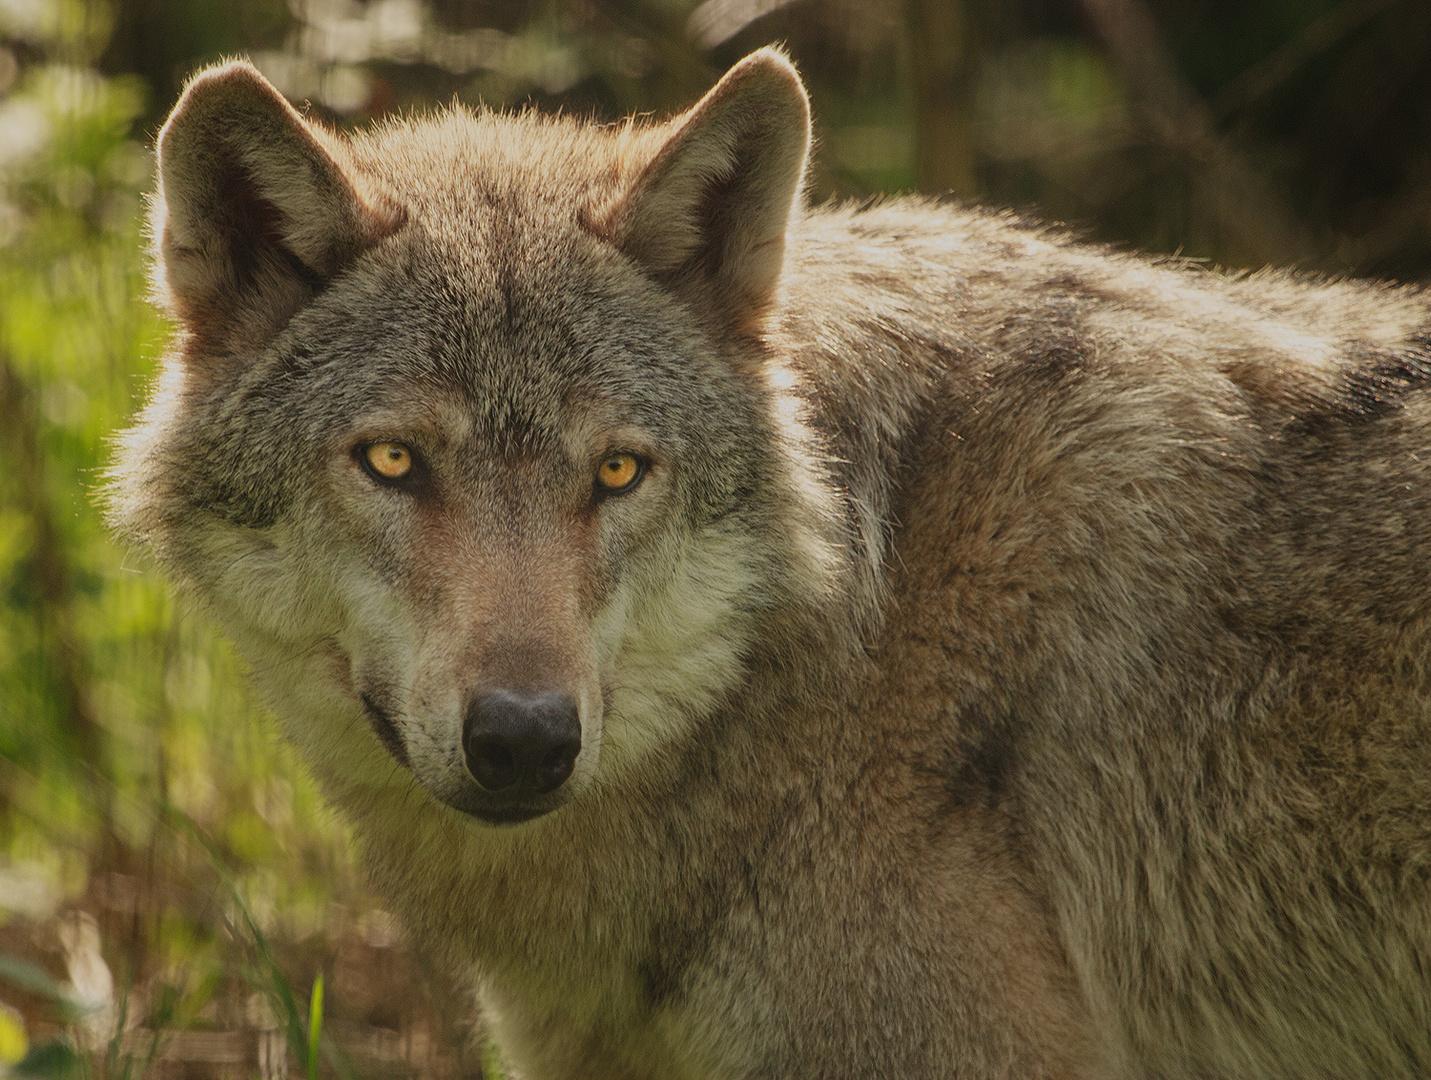 So böse sieht der Wolf gar nicht aus...